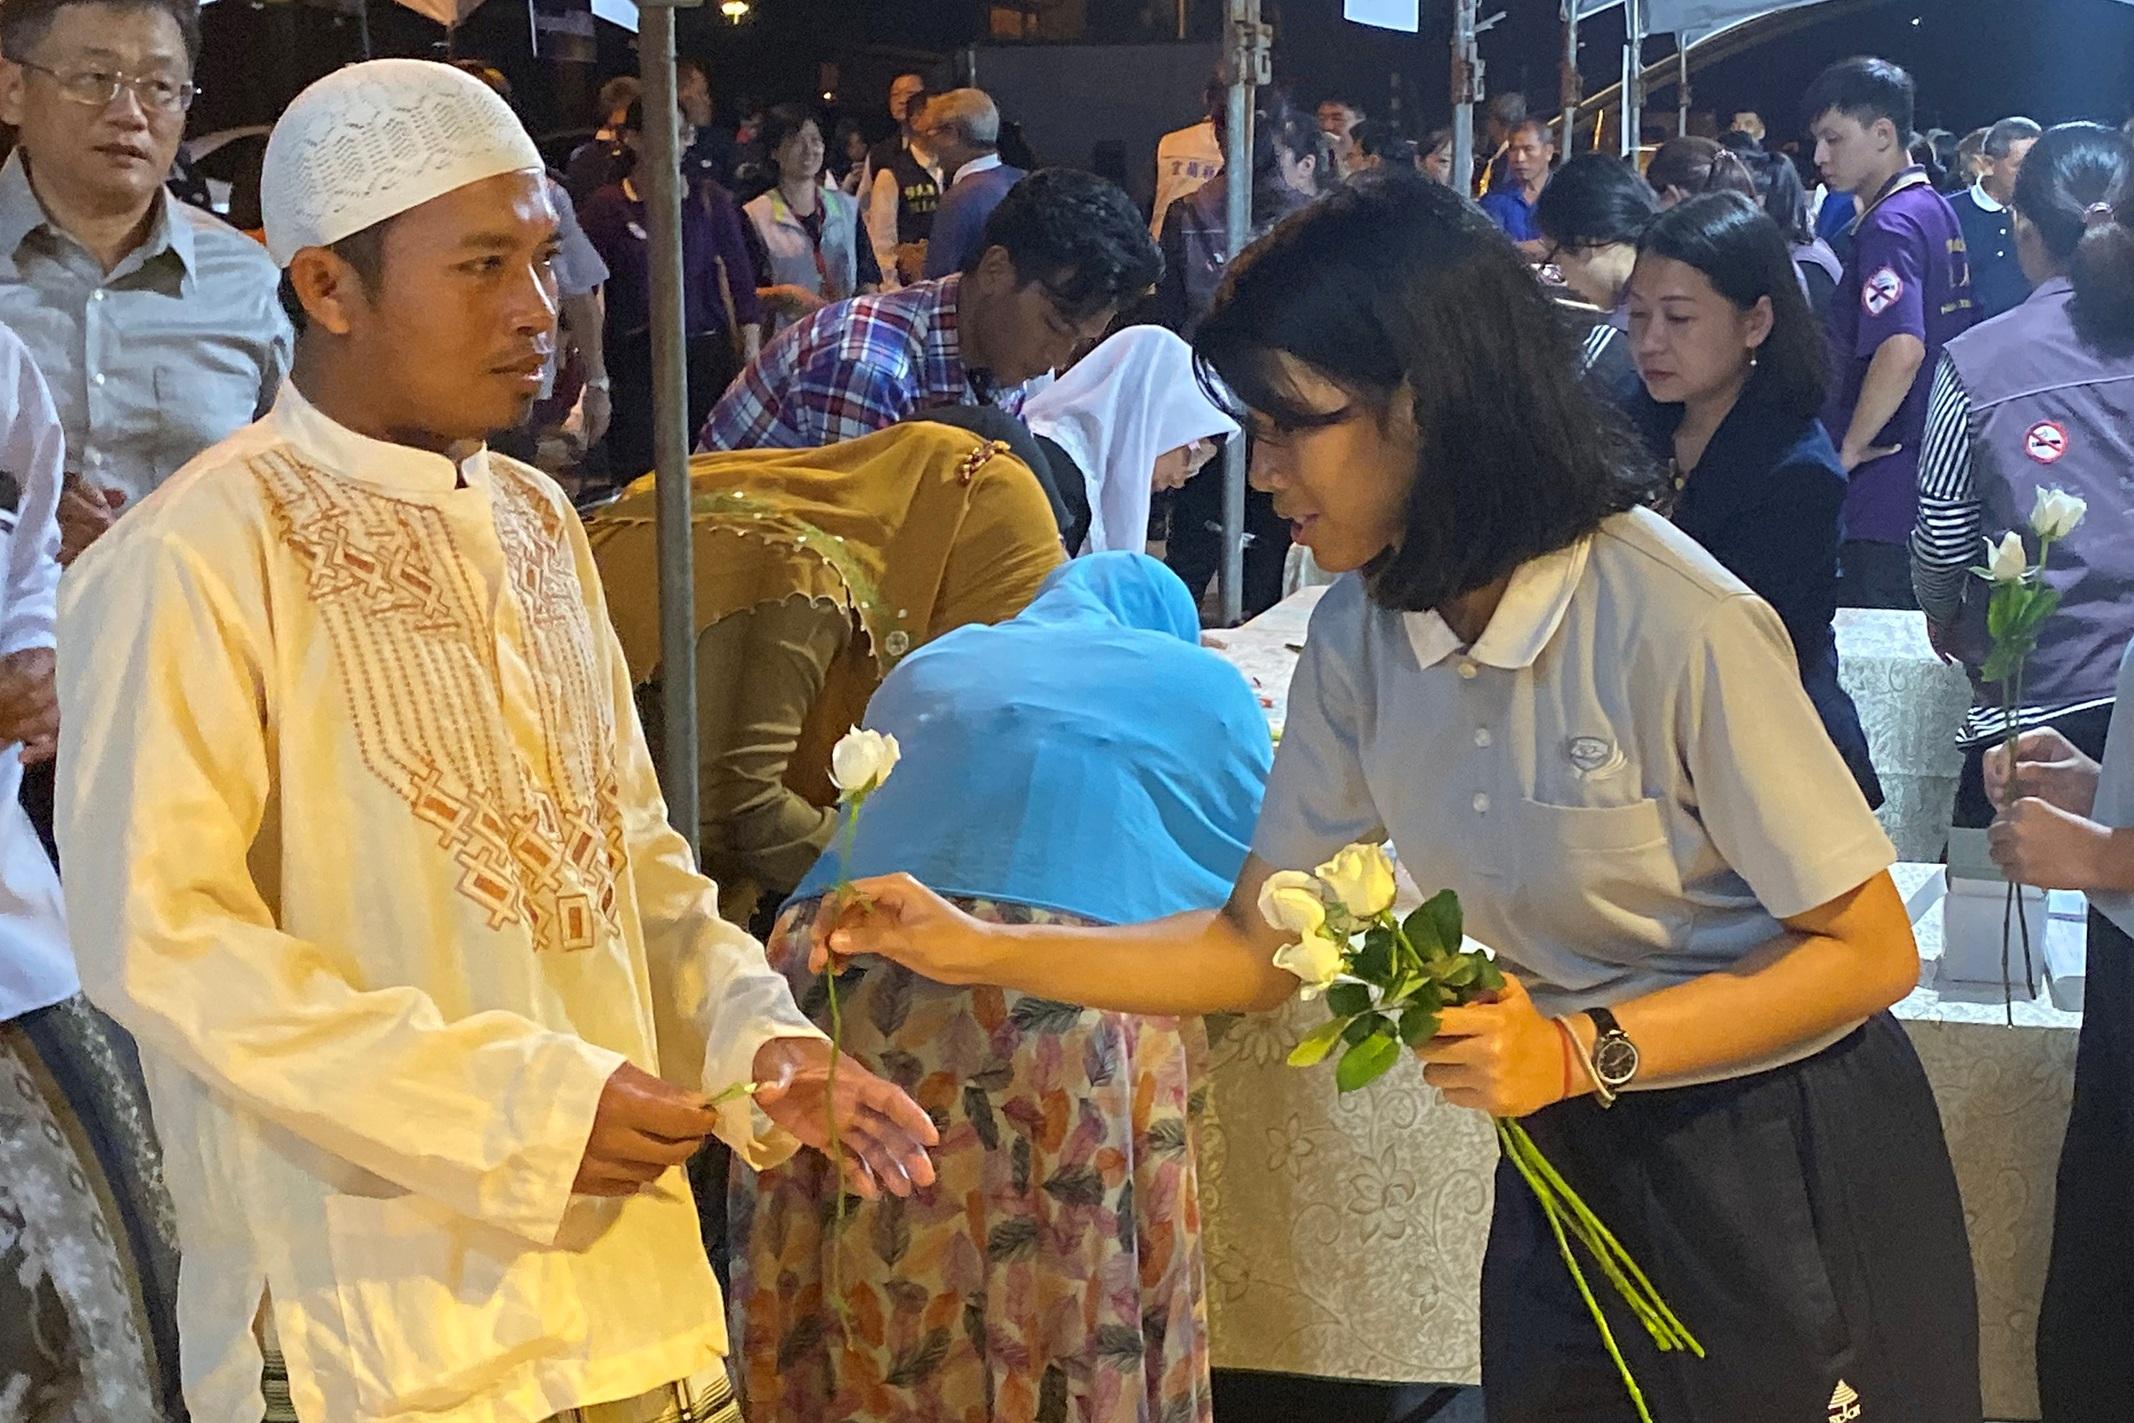 親自獻上花束,陪伴同鄉的印尼漁工。